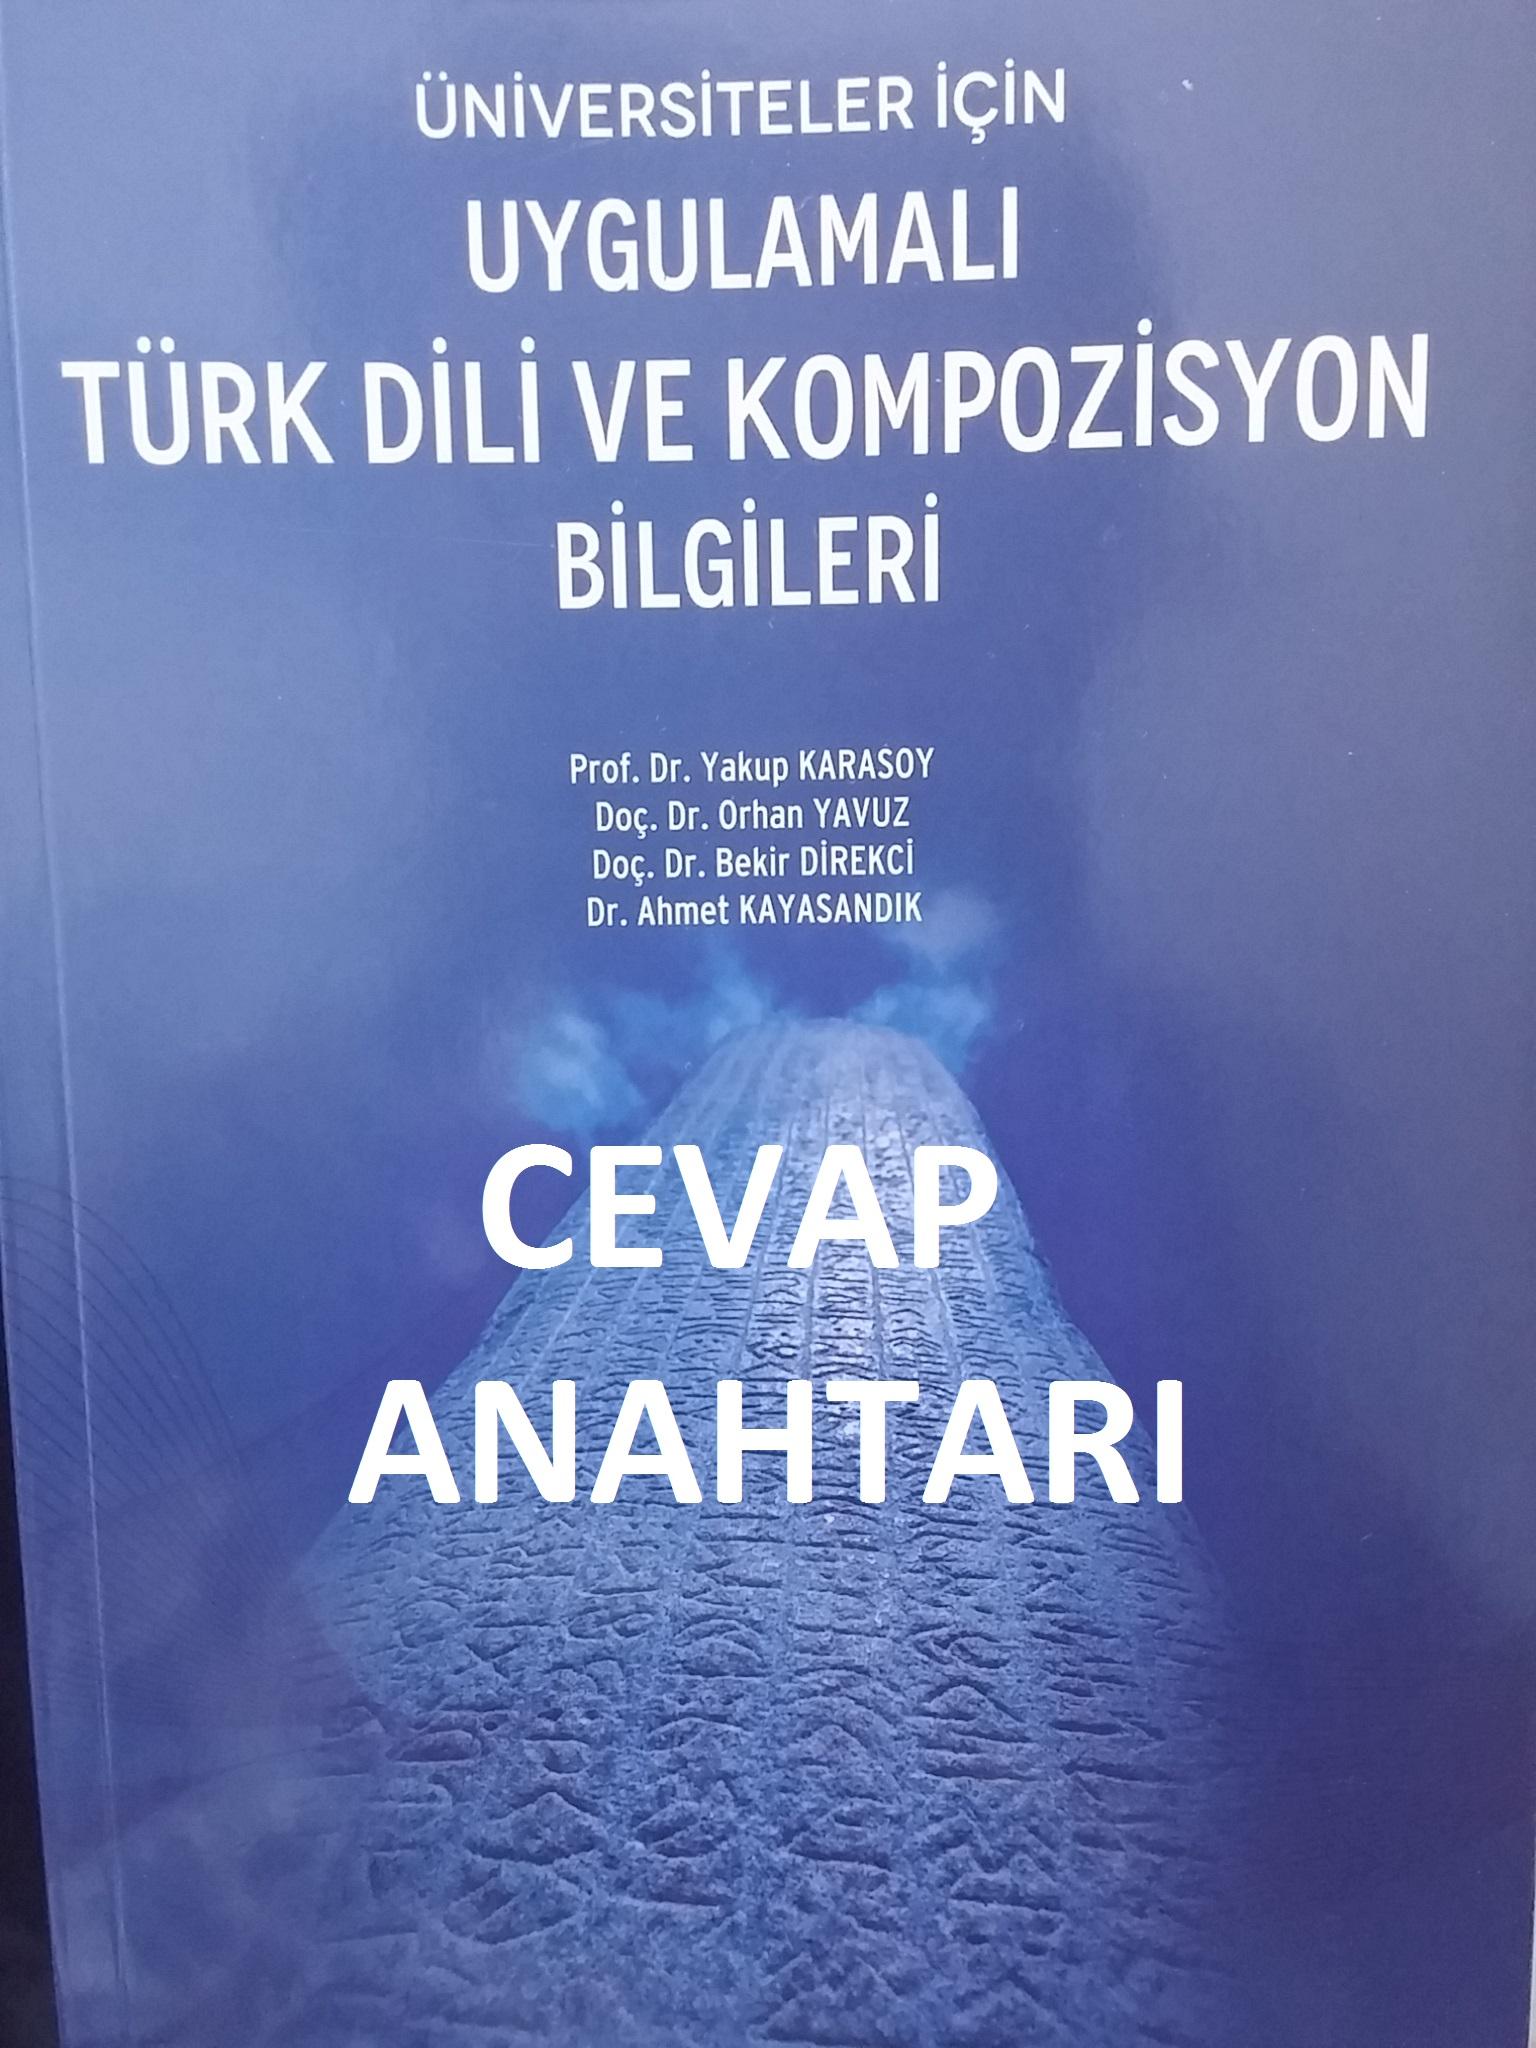 uygulamali-turk-dili-ve-kompozisyon-bilgileri-cevaplari